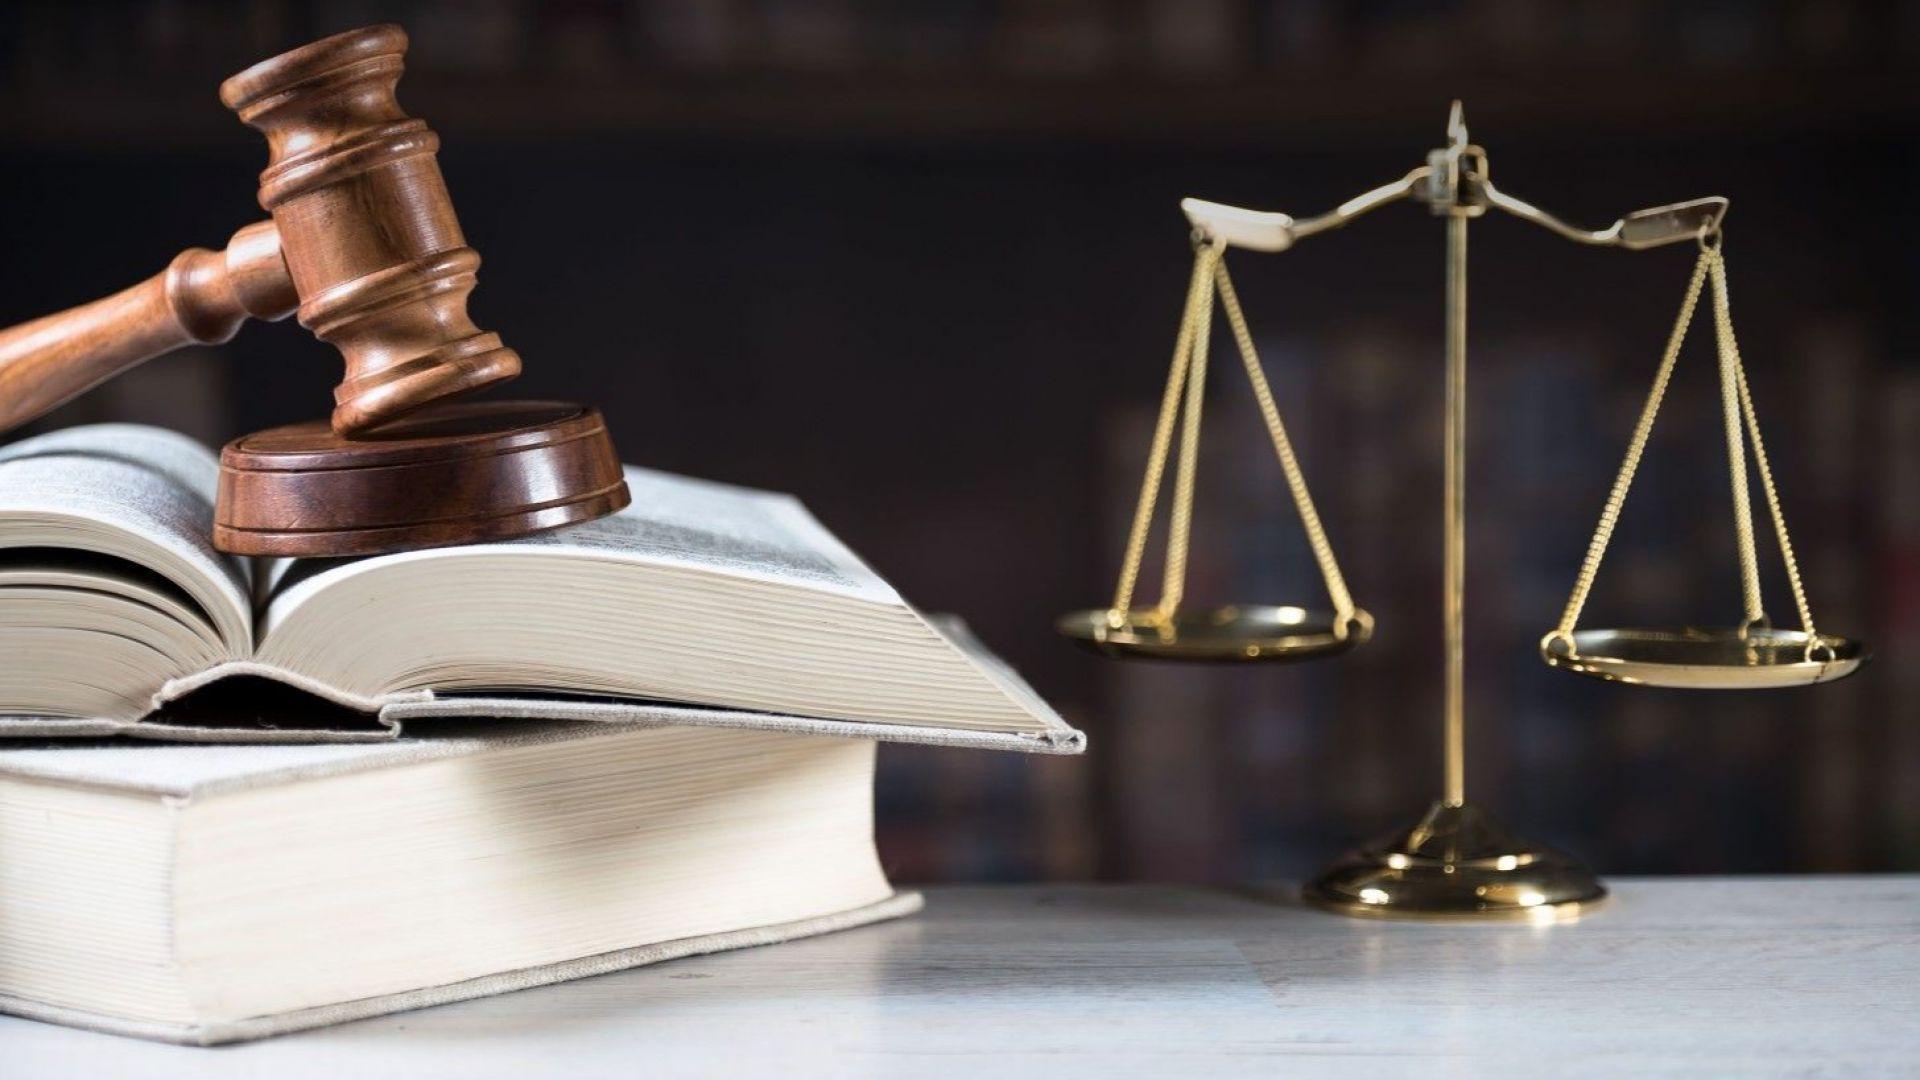 Замениха оправдателна присъда с доживотна за убийство на бездомник